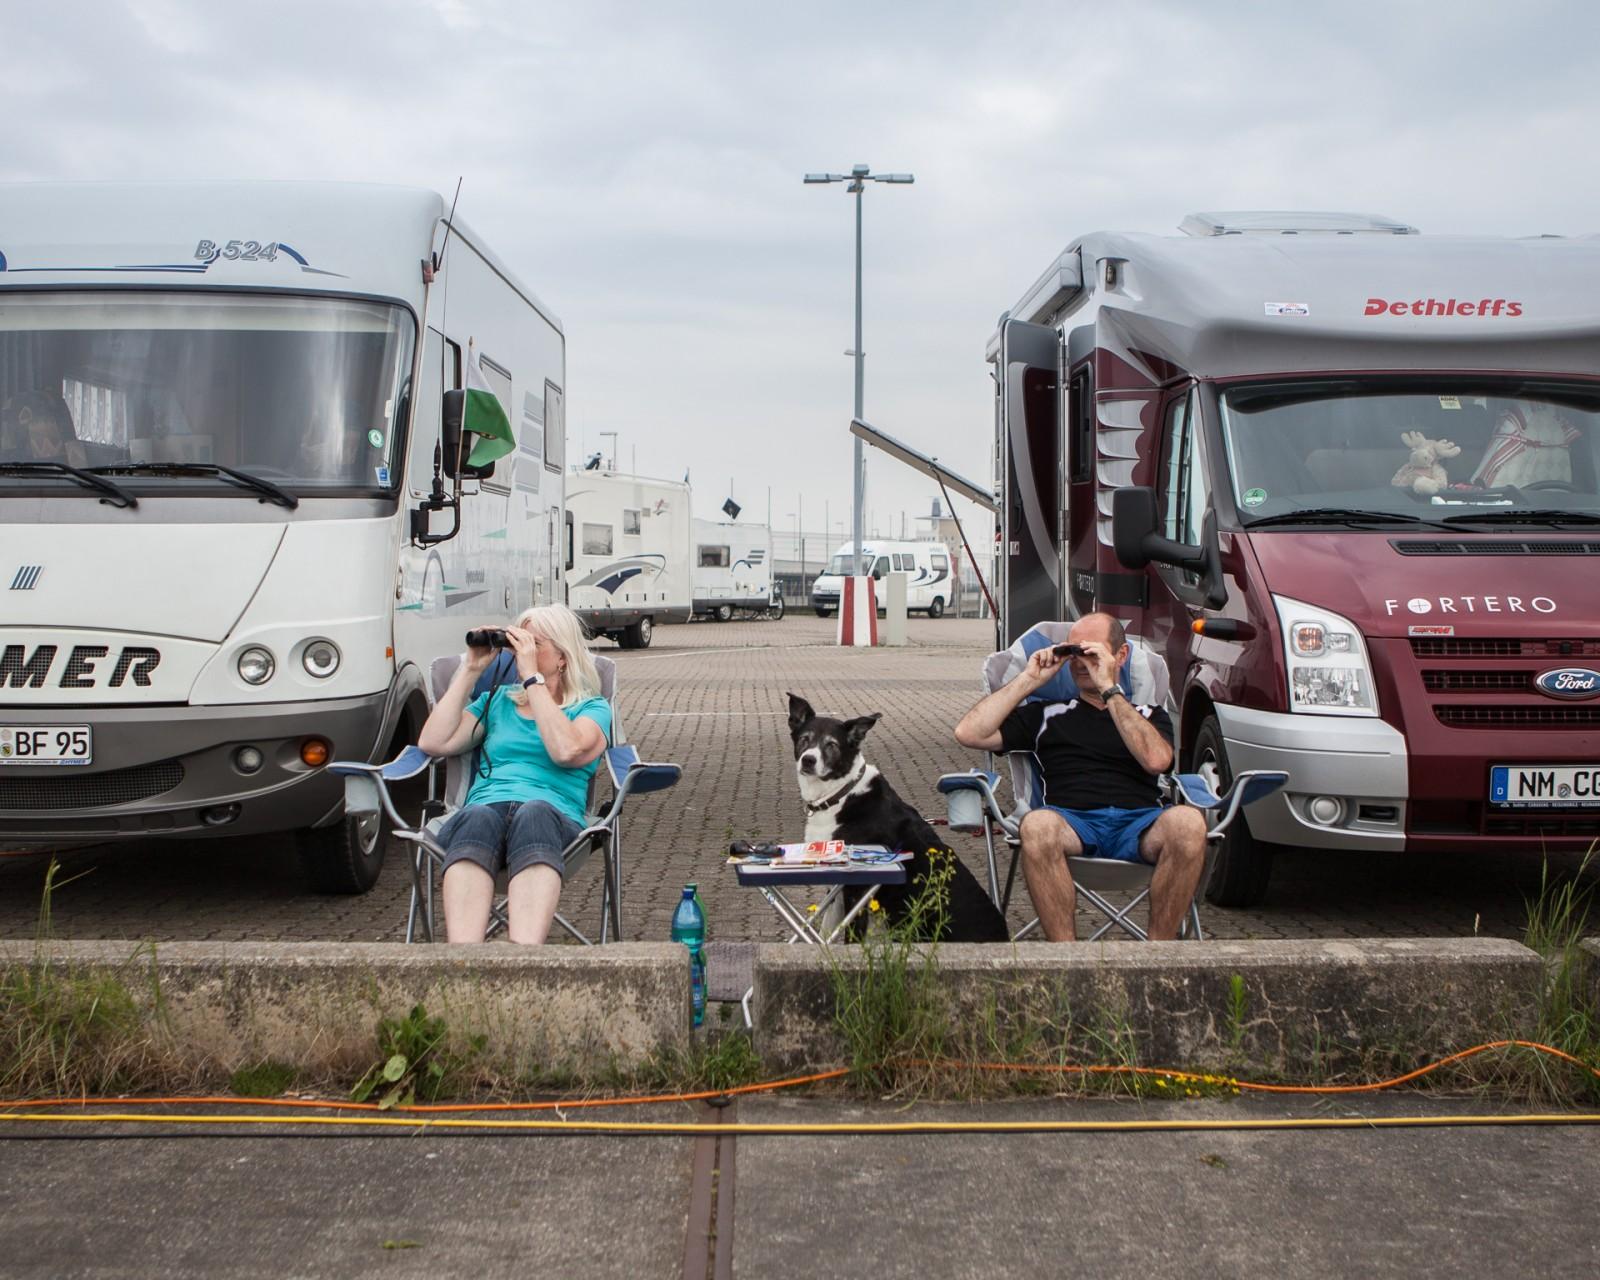 Camping in Cuxhaven - Urlaub auf Beton